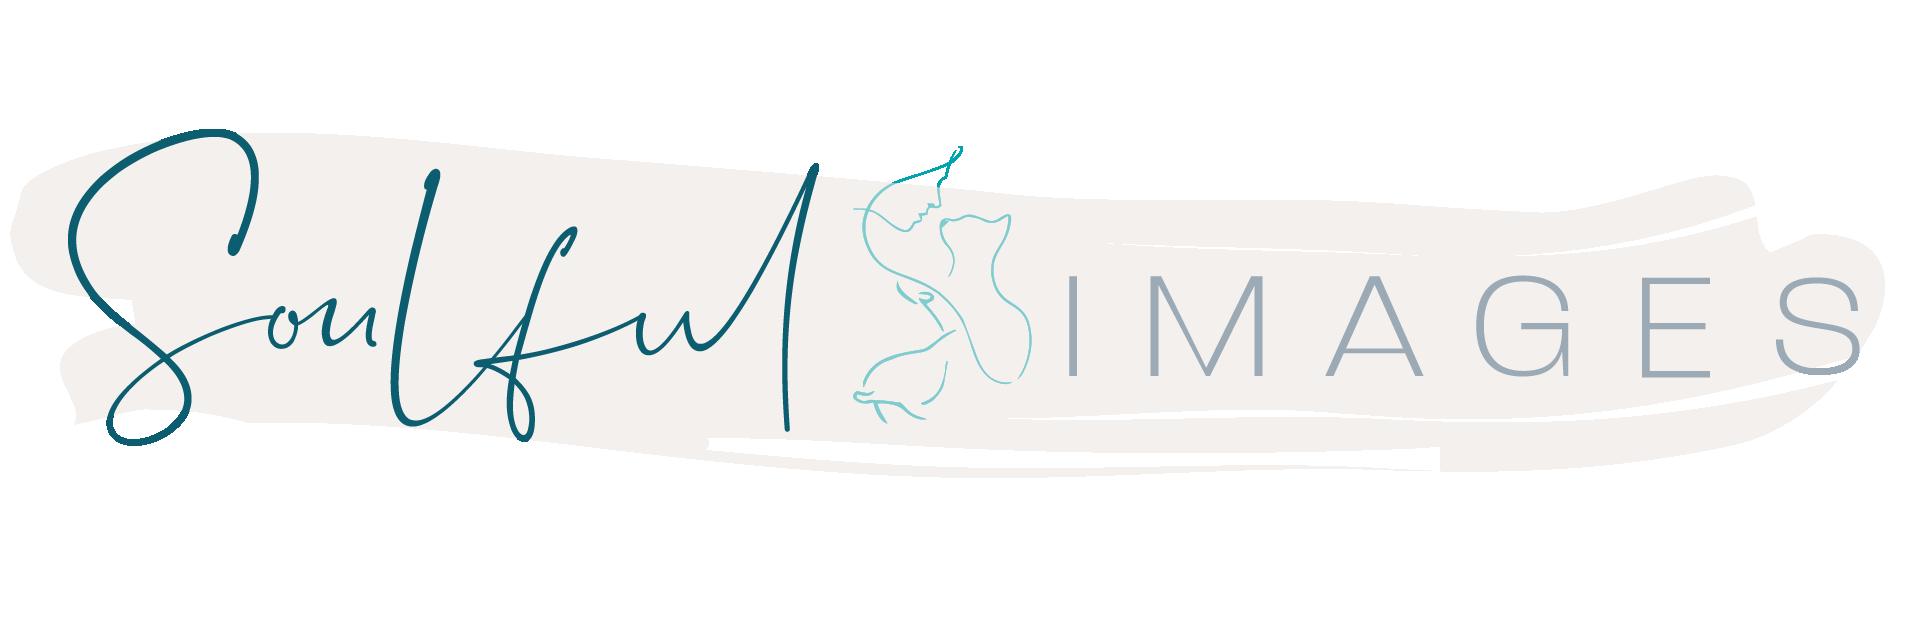 soulfulimages logo